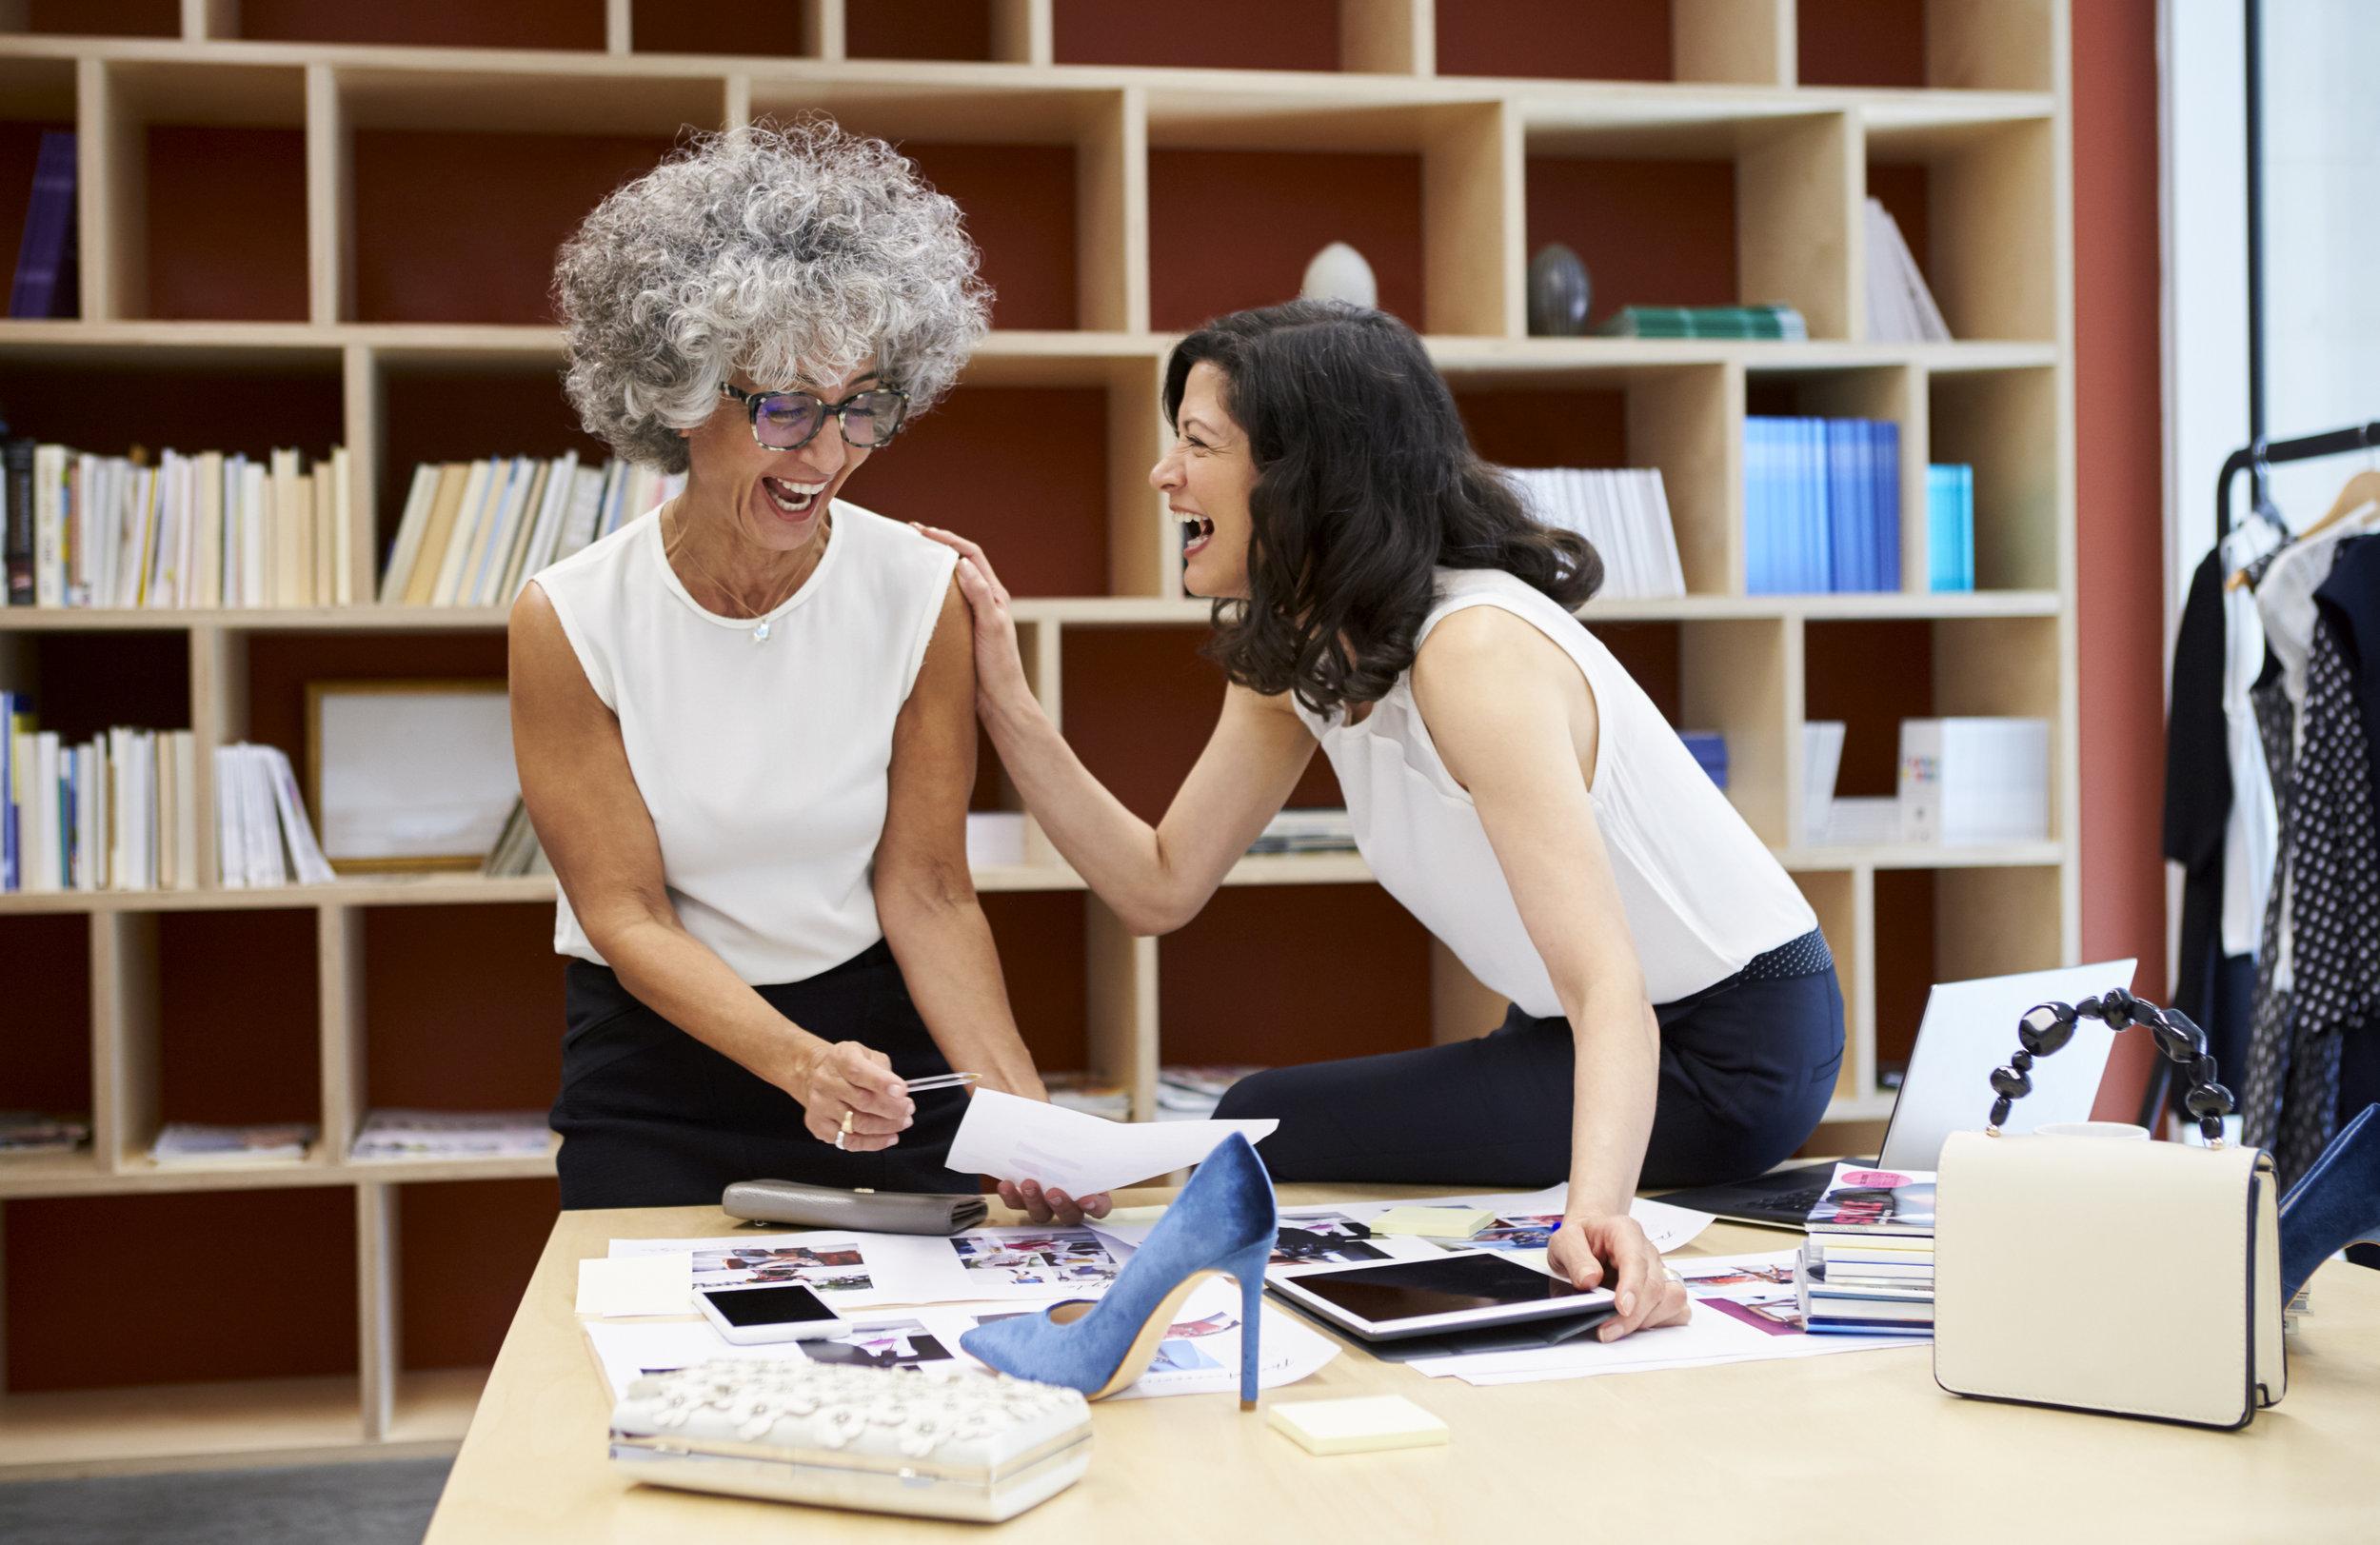 two-happy-women-talking-in-a-creative-media-PCA23WR.jpg